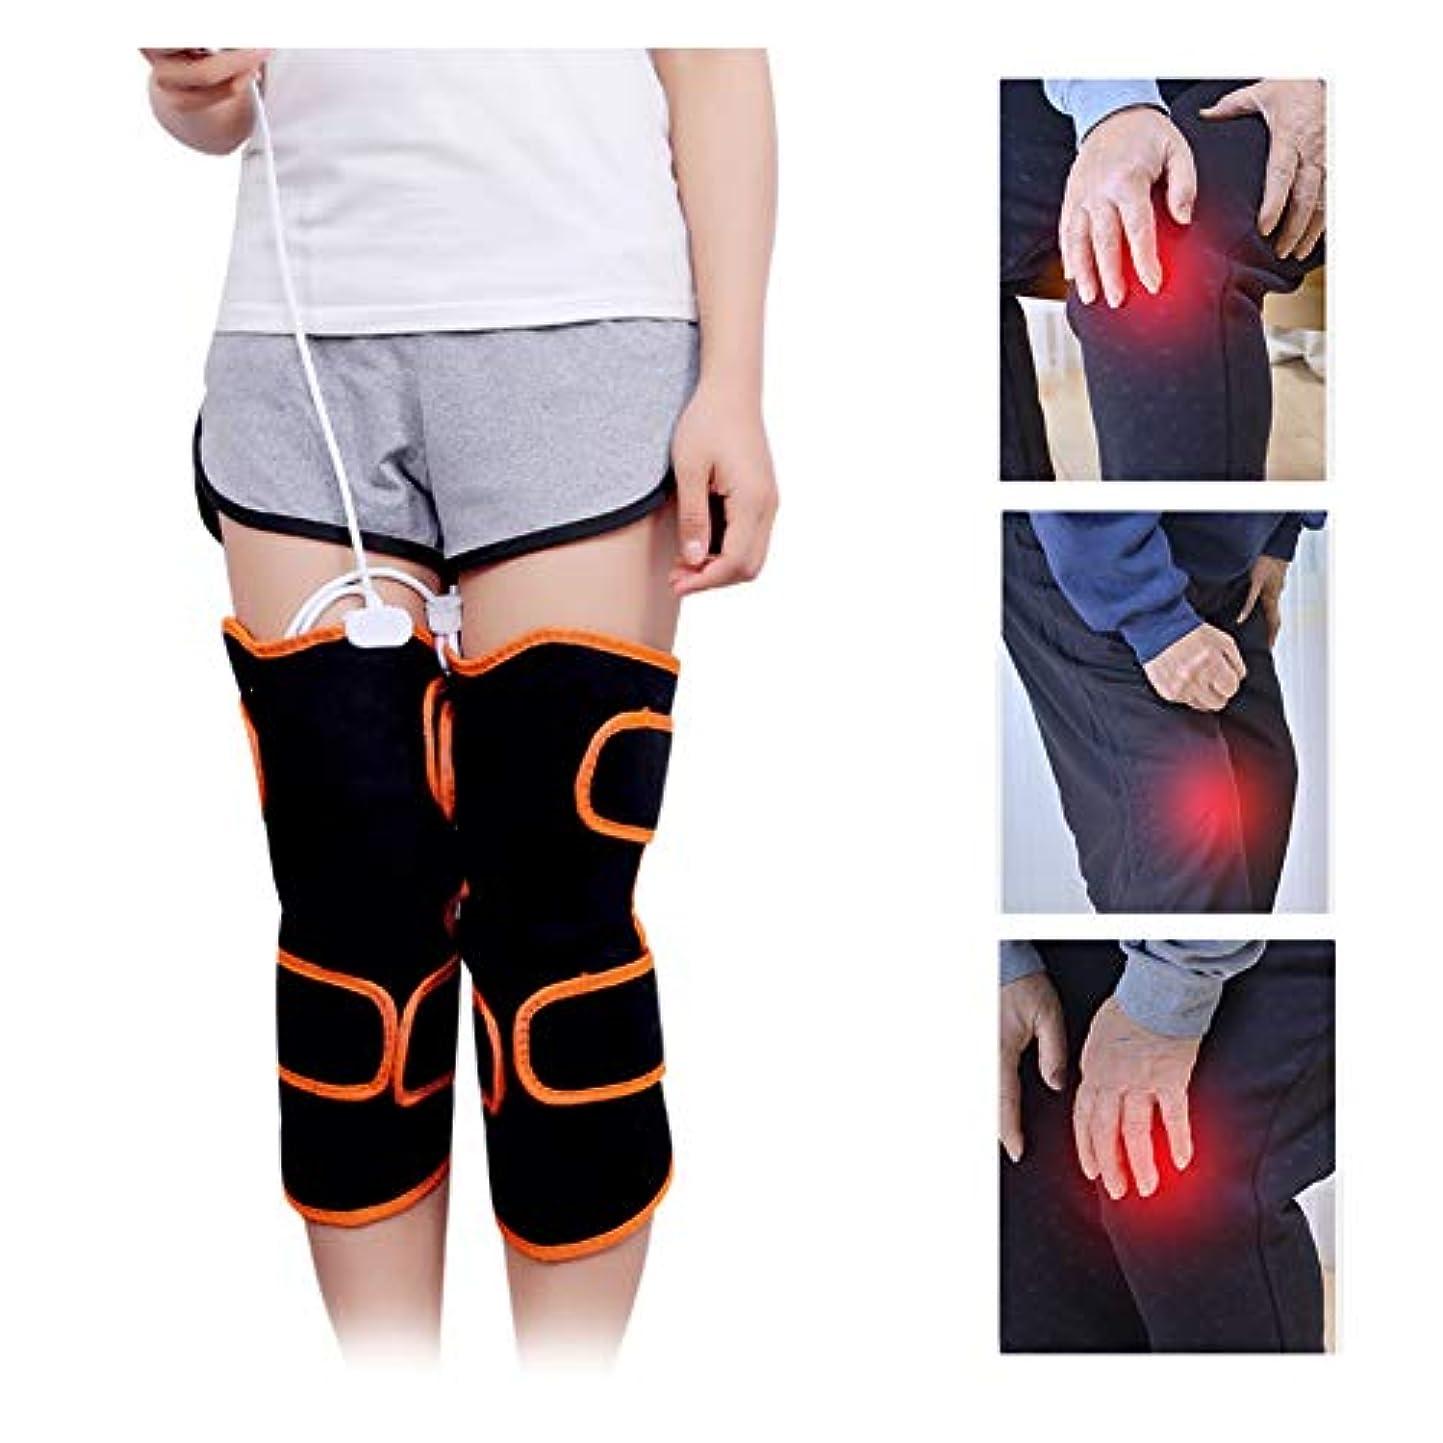 ゼロスキャンダラスアダルト暖房膝ブレースラップサポート - 膝温熱パッド - 9マッサージモードと膝のけが、痛みを軽減するための5つの速度で治療マッサージャー